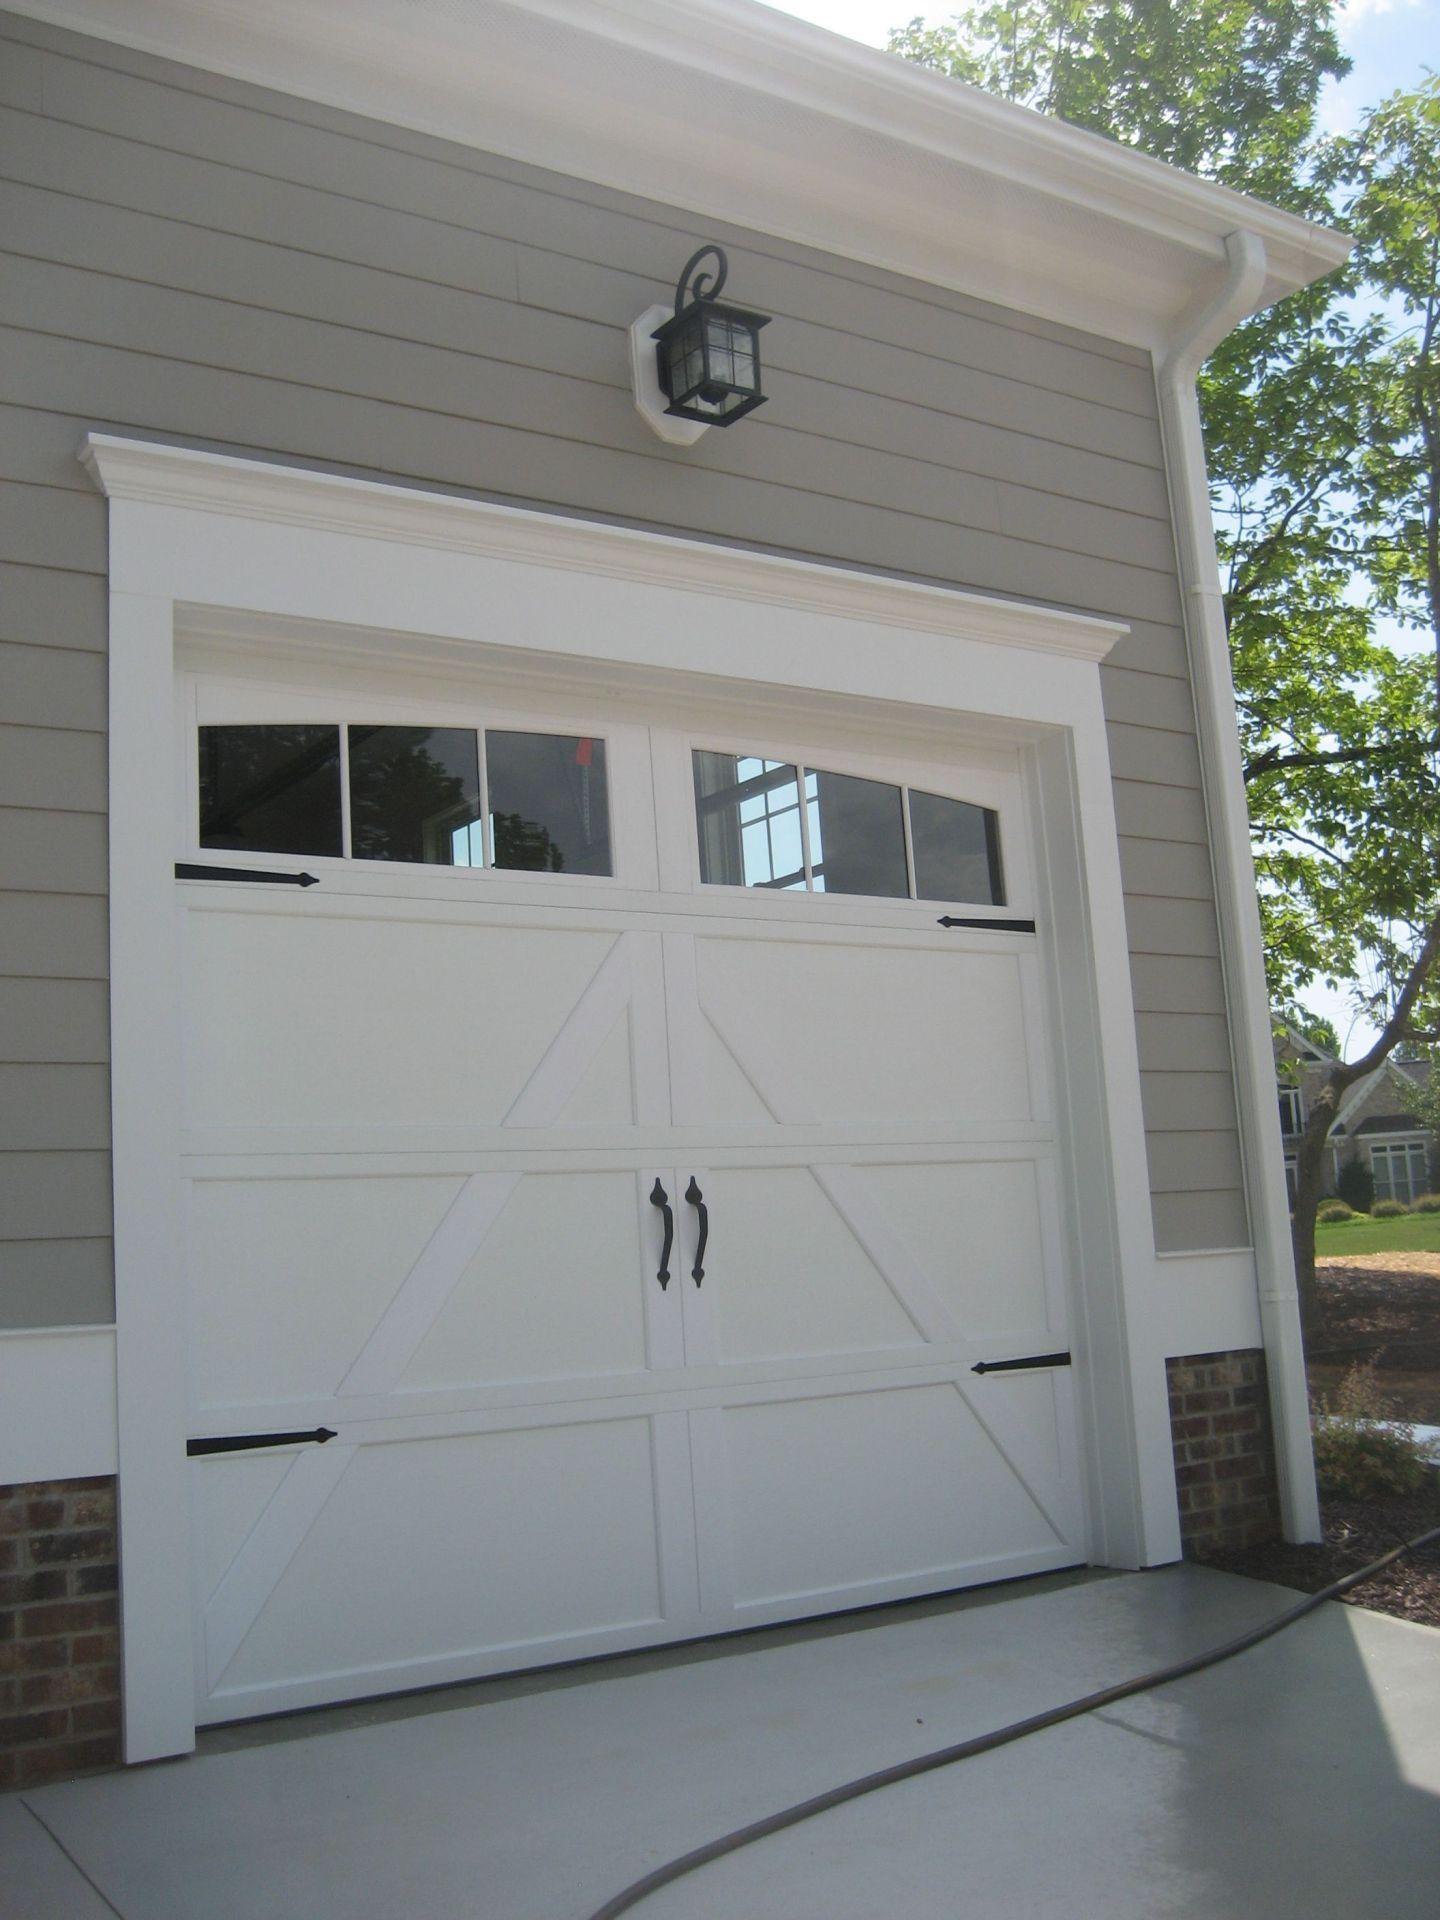 37 Garage Door Trim Ideas To Improve Your Exterior Garage Door Design Carriage Garage Doors Garage Door Trim